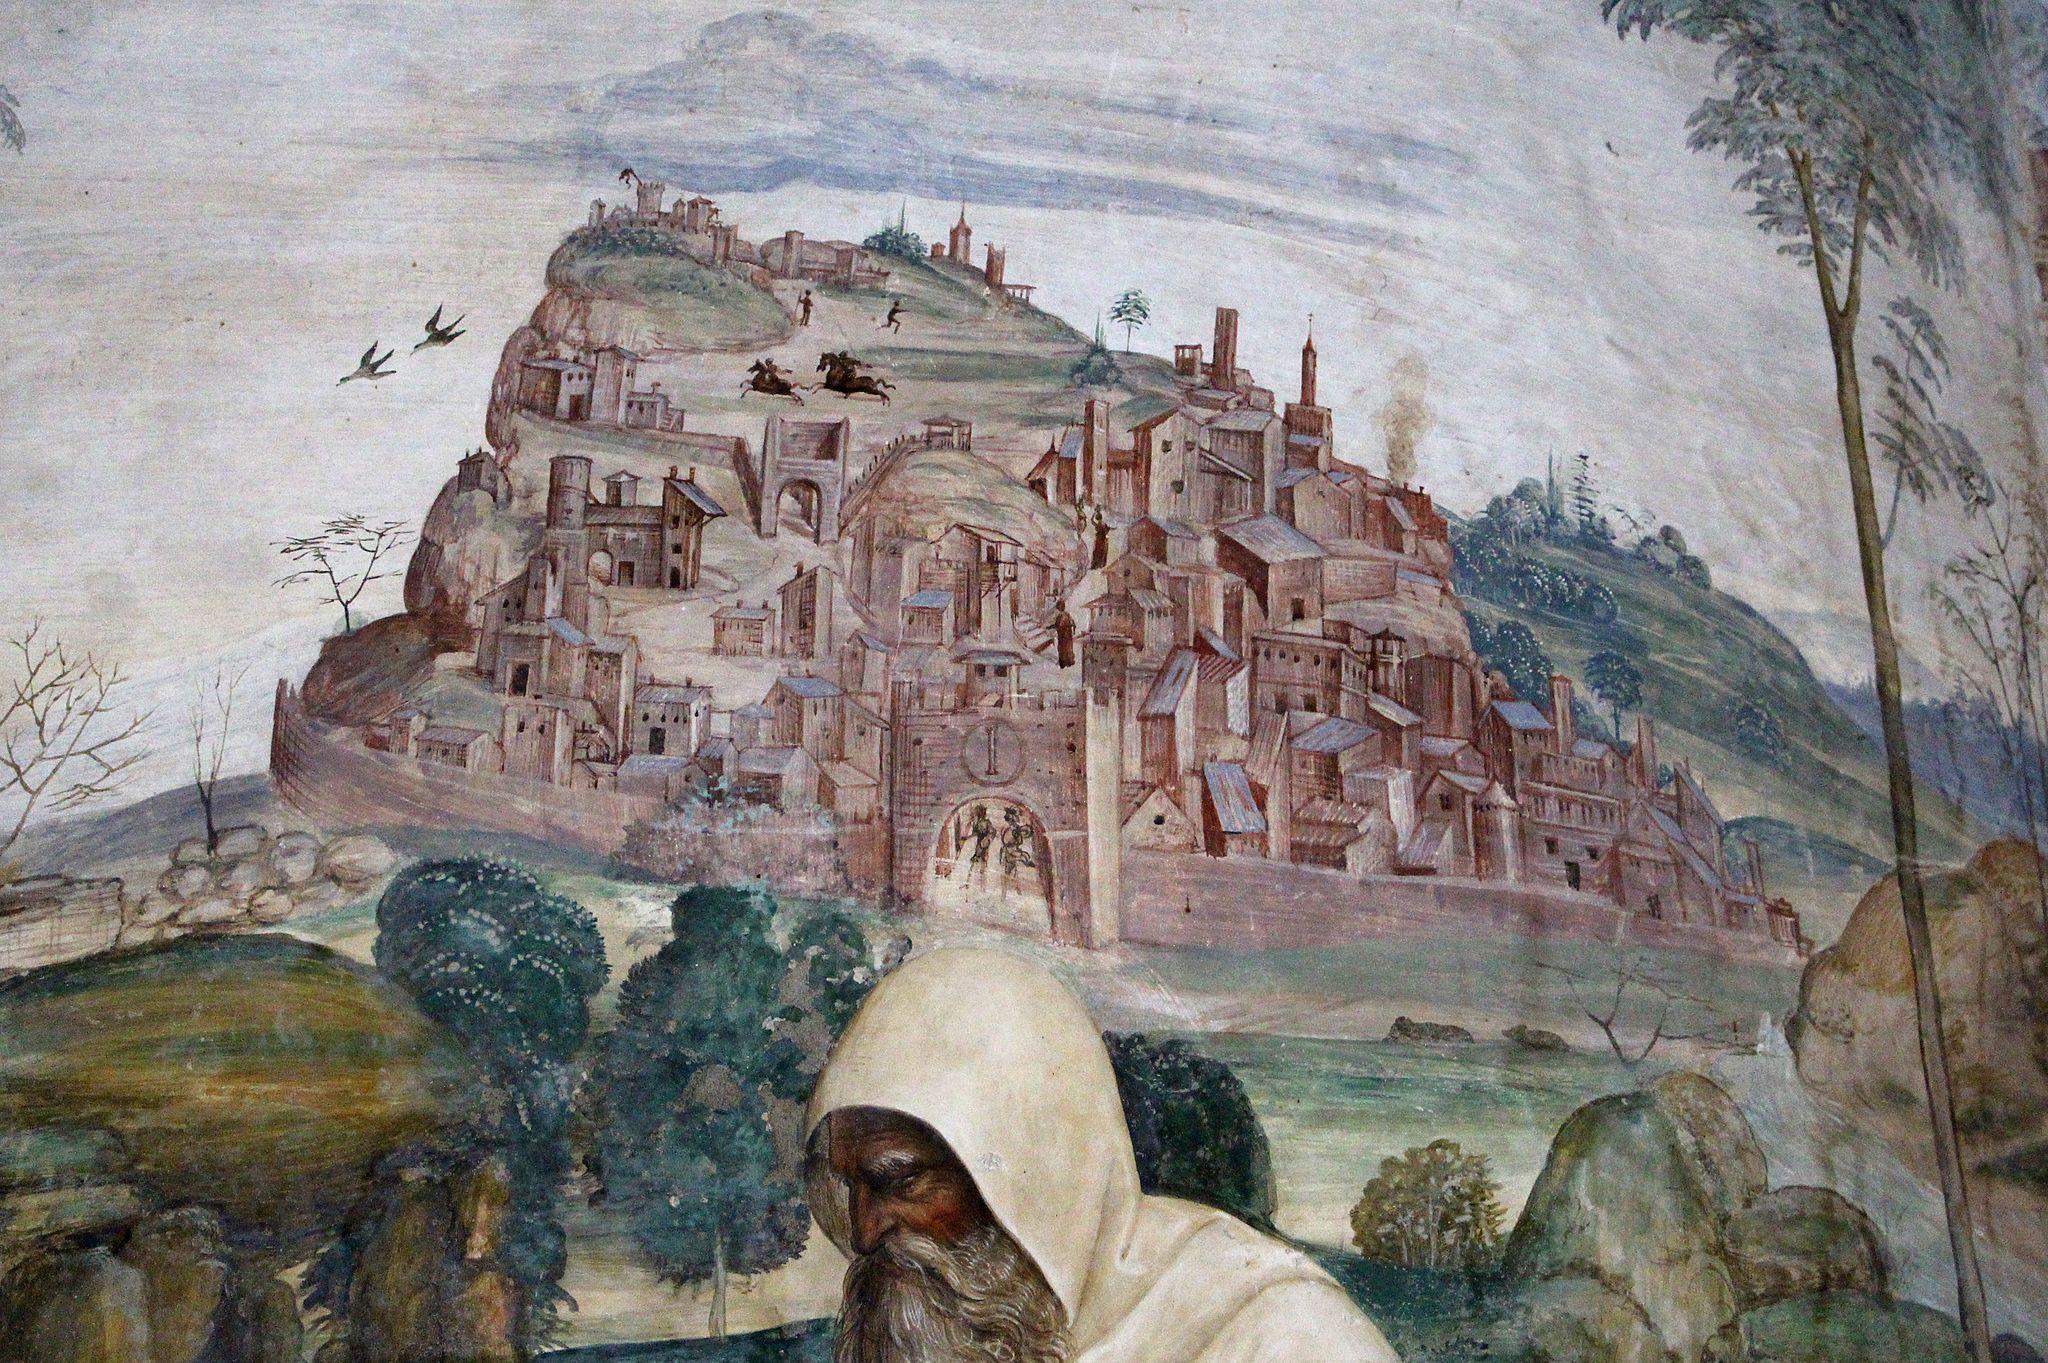 Storie di s. benedetto, 04 sodoma - Come Romano monaco da lo abito eremitico a Benedetto 03